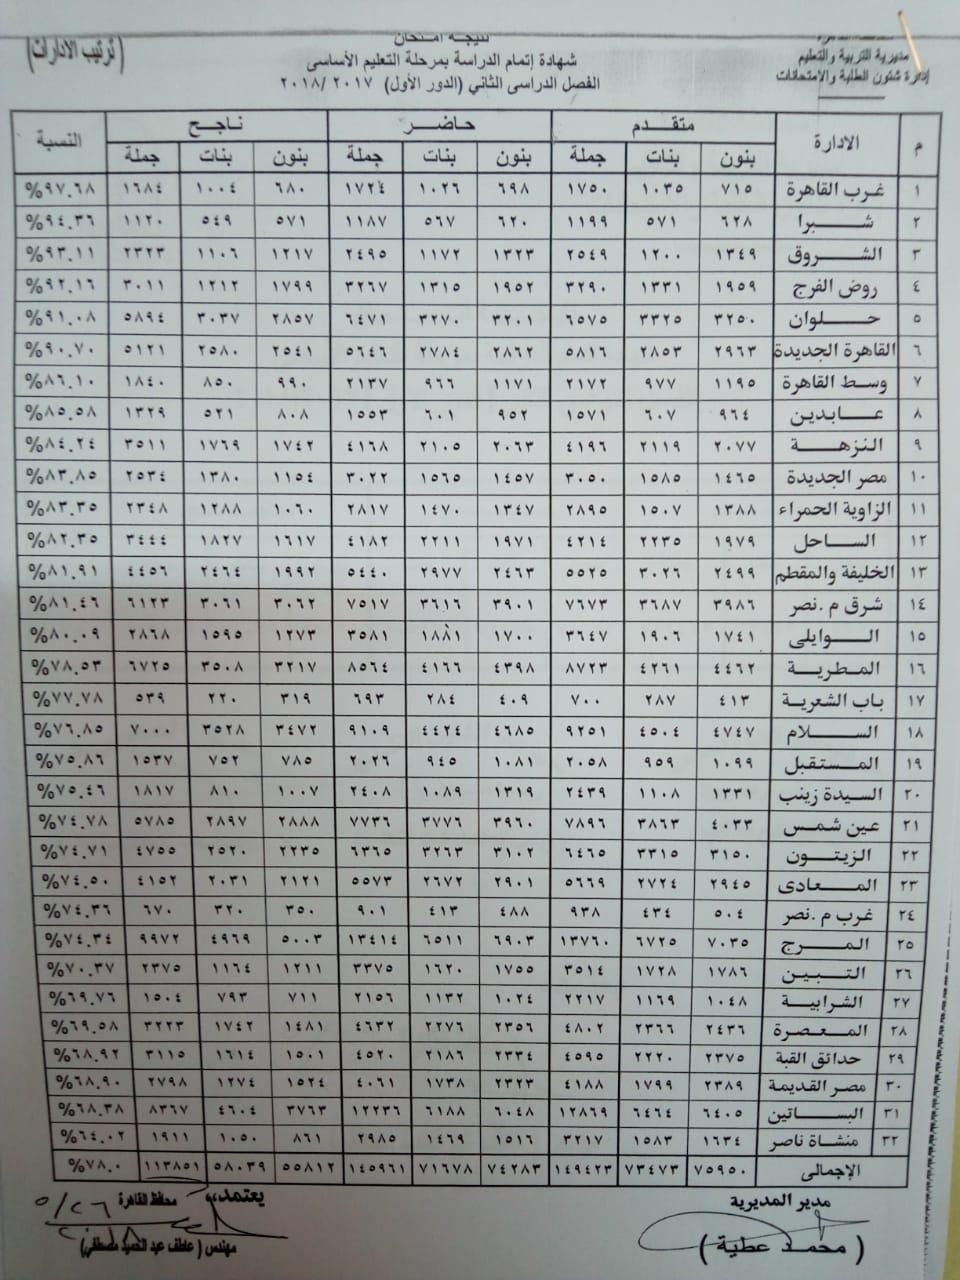 بالاسم ورقم الجلوس .. موعد نتيجة الشهادة الابتدائية والإعدادية محافظة القاهرة 2019 الترم الثاني 2